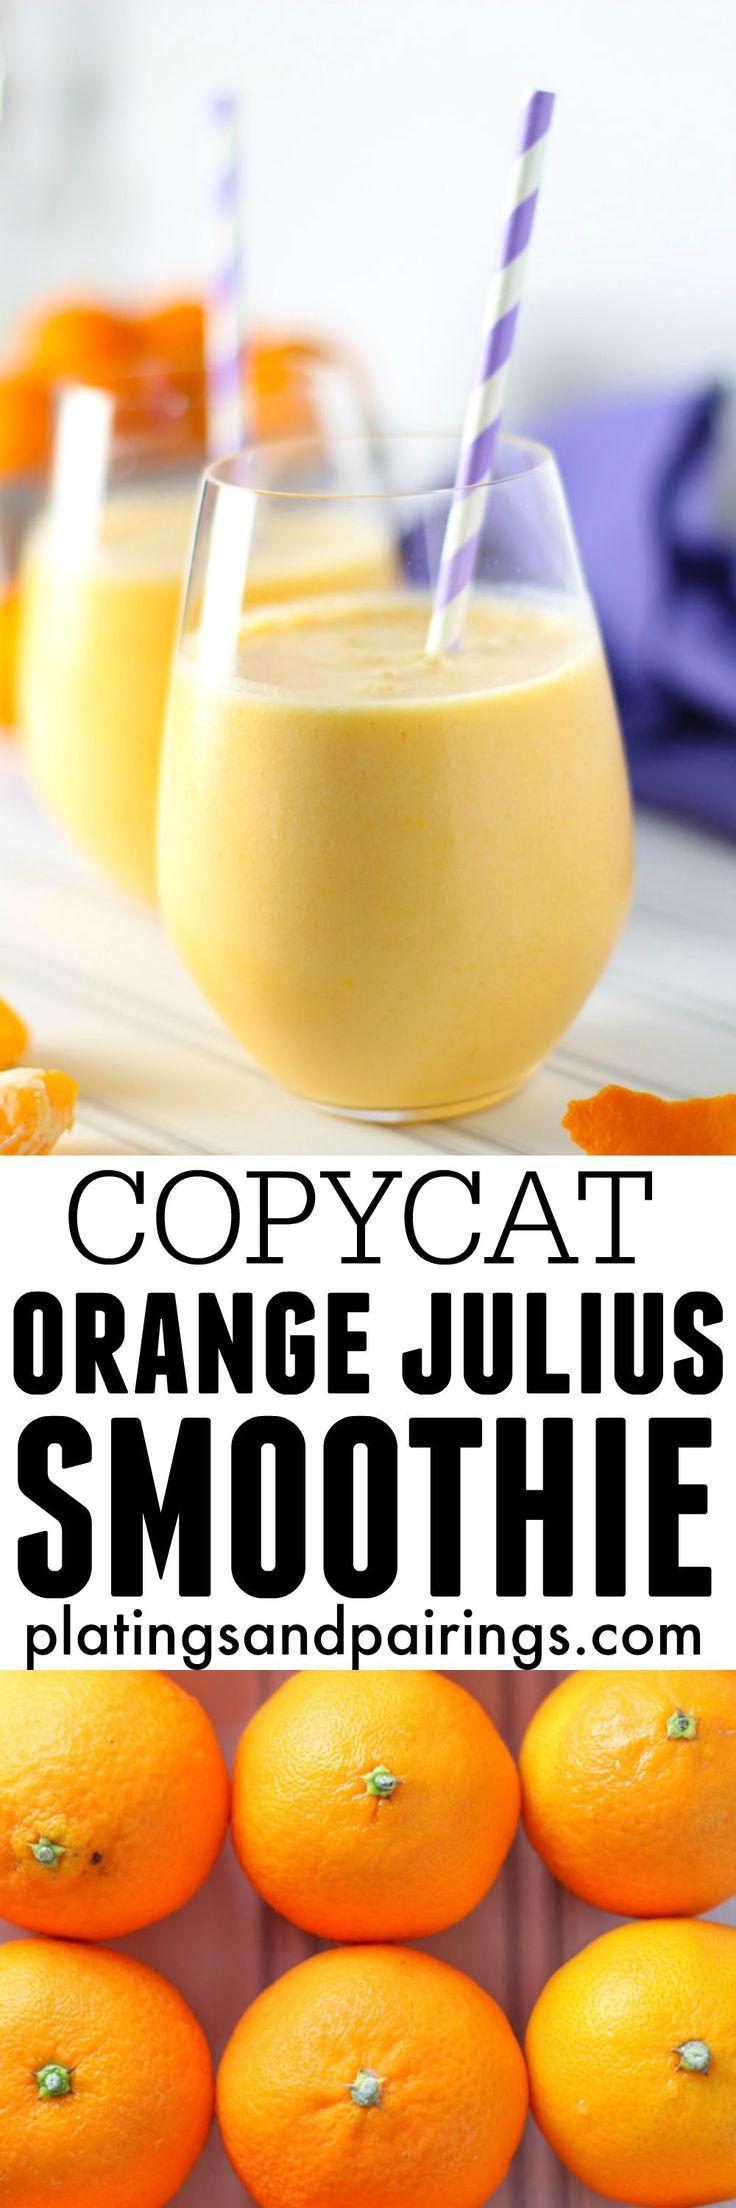 Clementine Smoothie {Orange Julius COPYCAT} | platingsandpairings.com